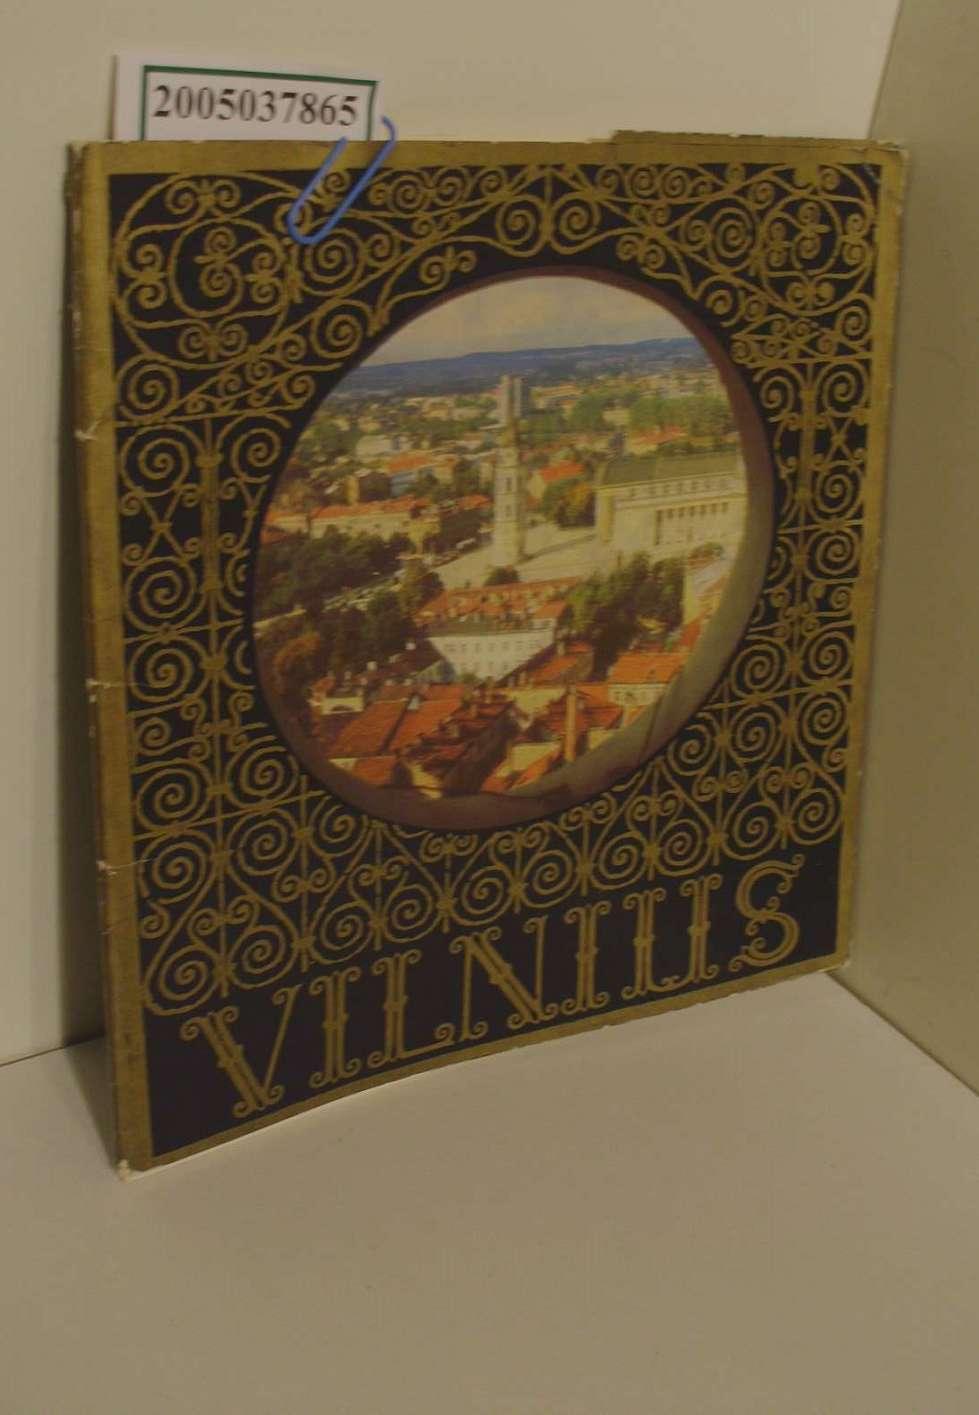 Vilnius / 15 atviruku / 15 Blätter in einer Mappe mit Sehenswürdigkeiten von Vilnius